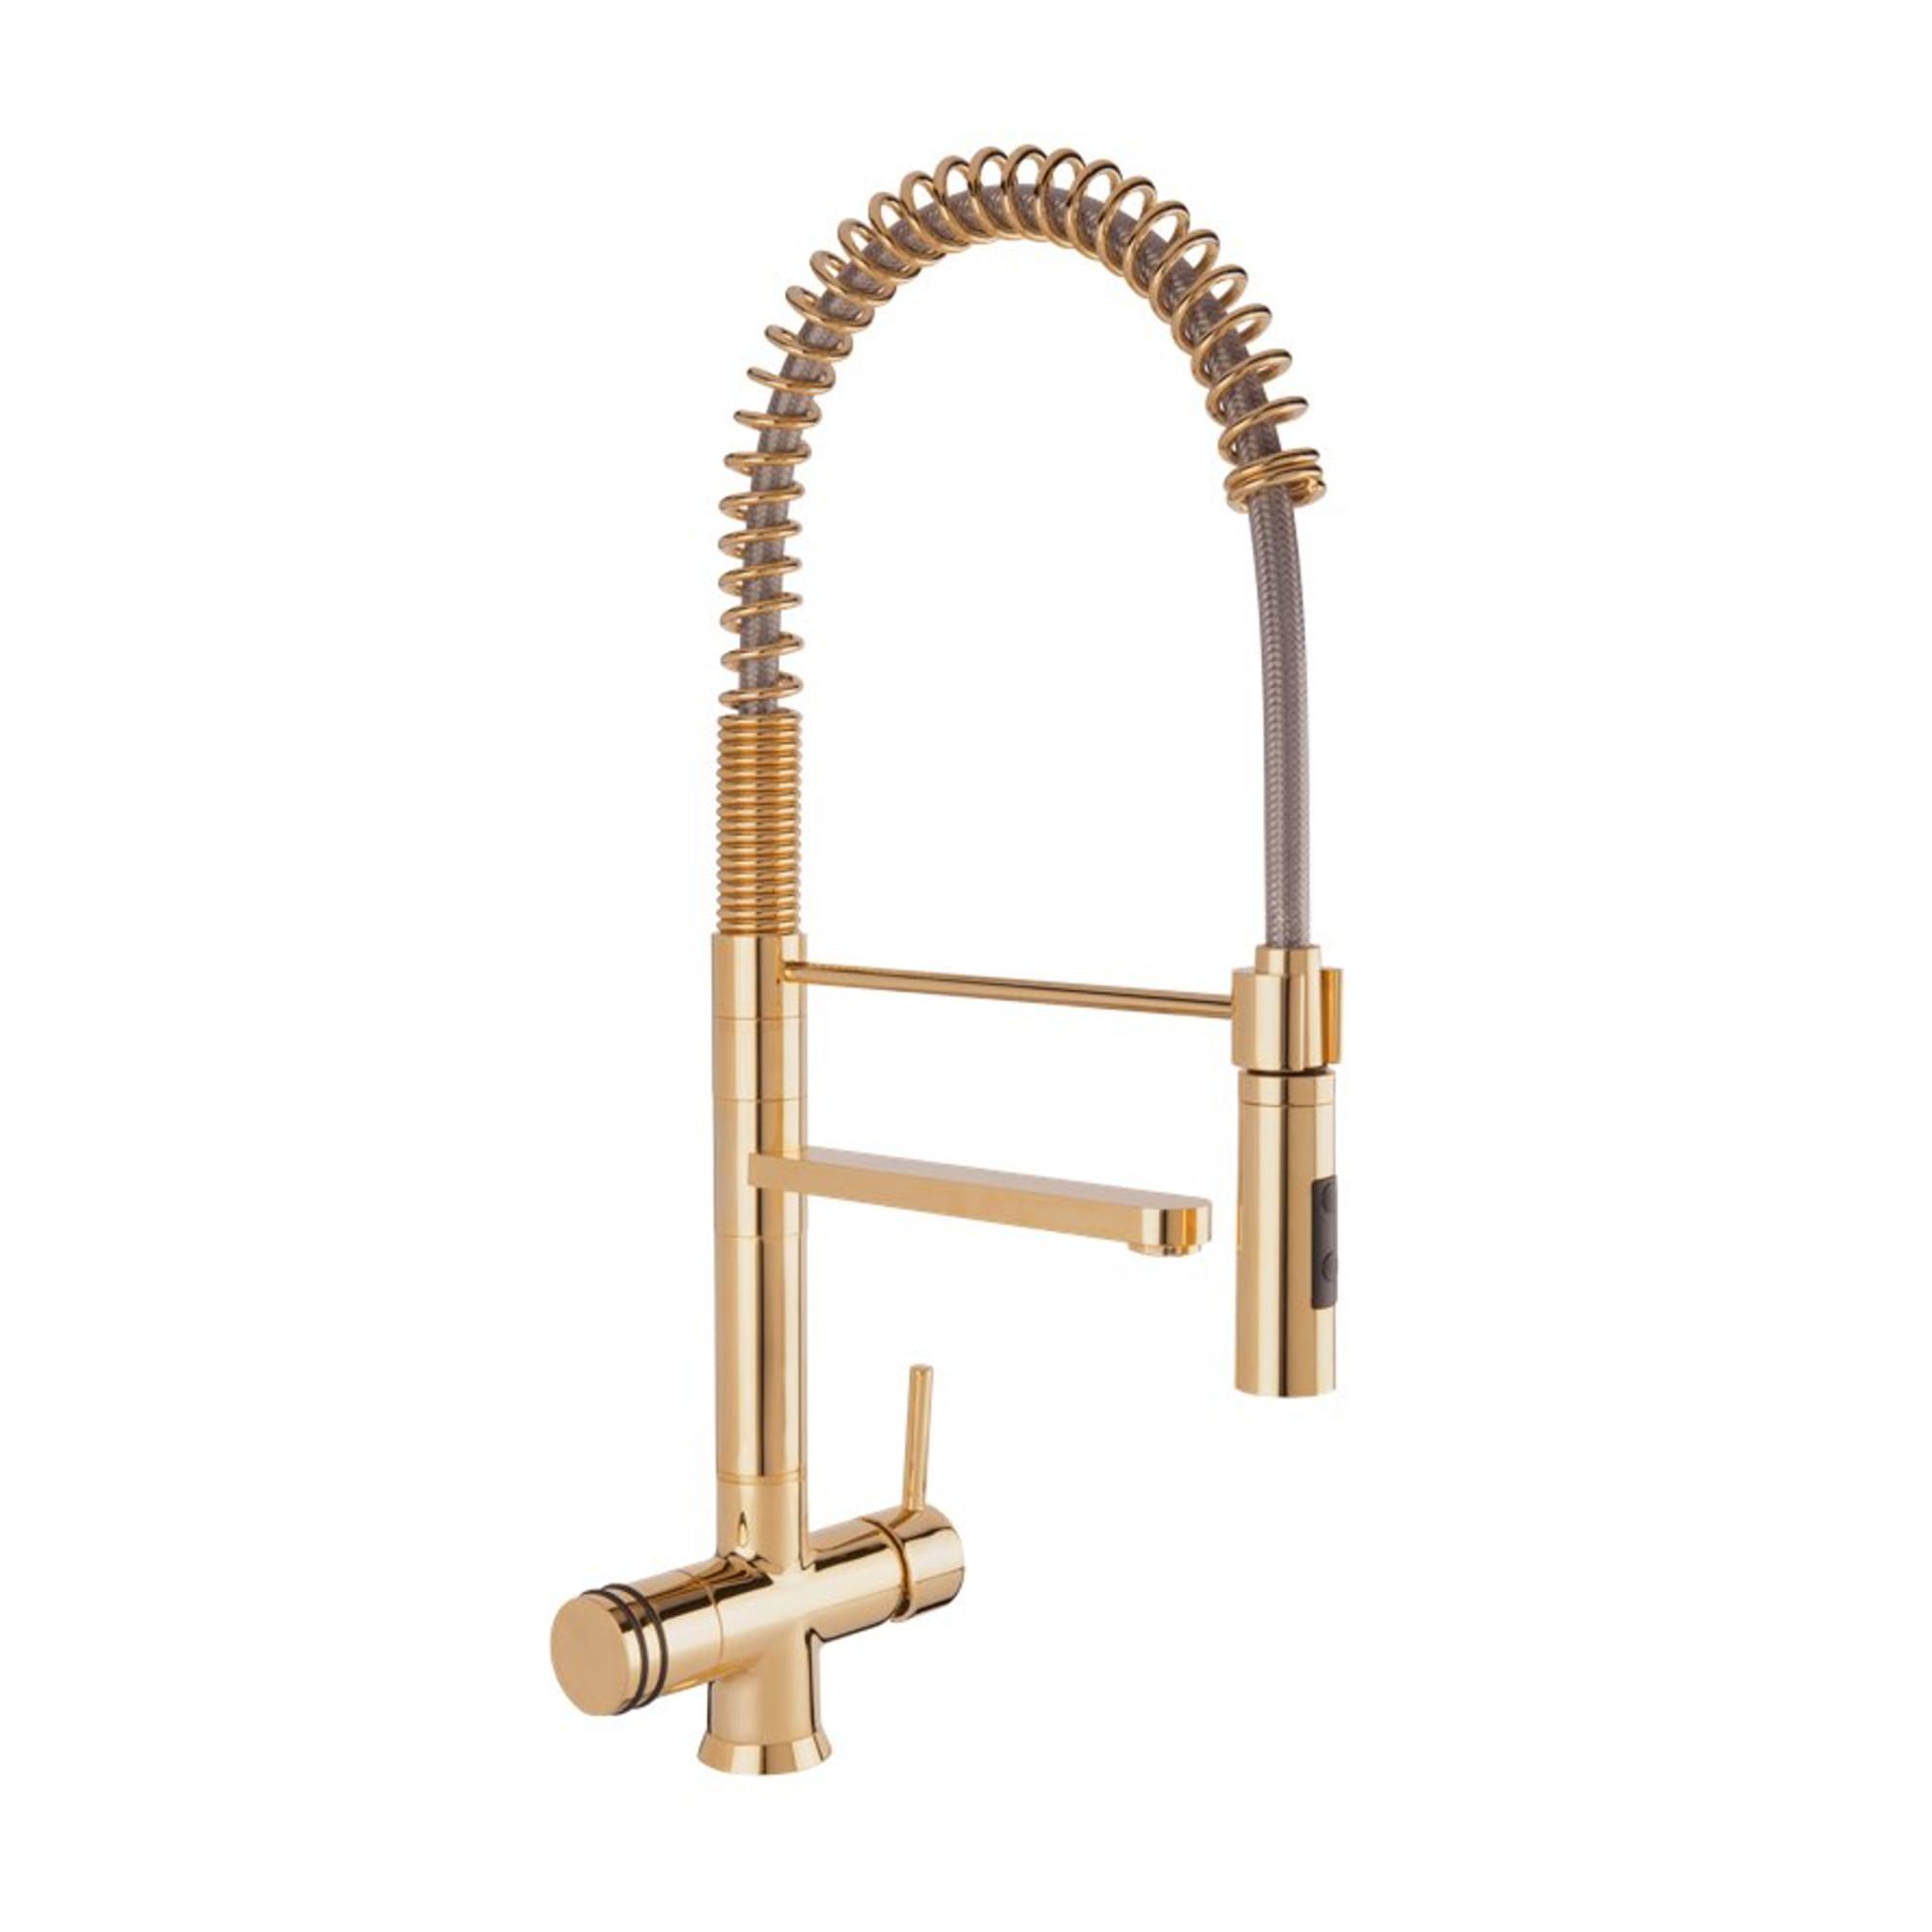 Designer Spiralfeder-Drei-Wege-Wasserhahn LUXURY BRONZATO, Antike Messing